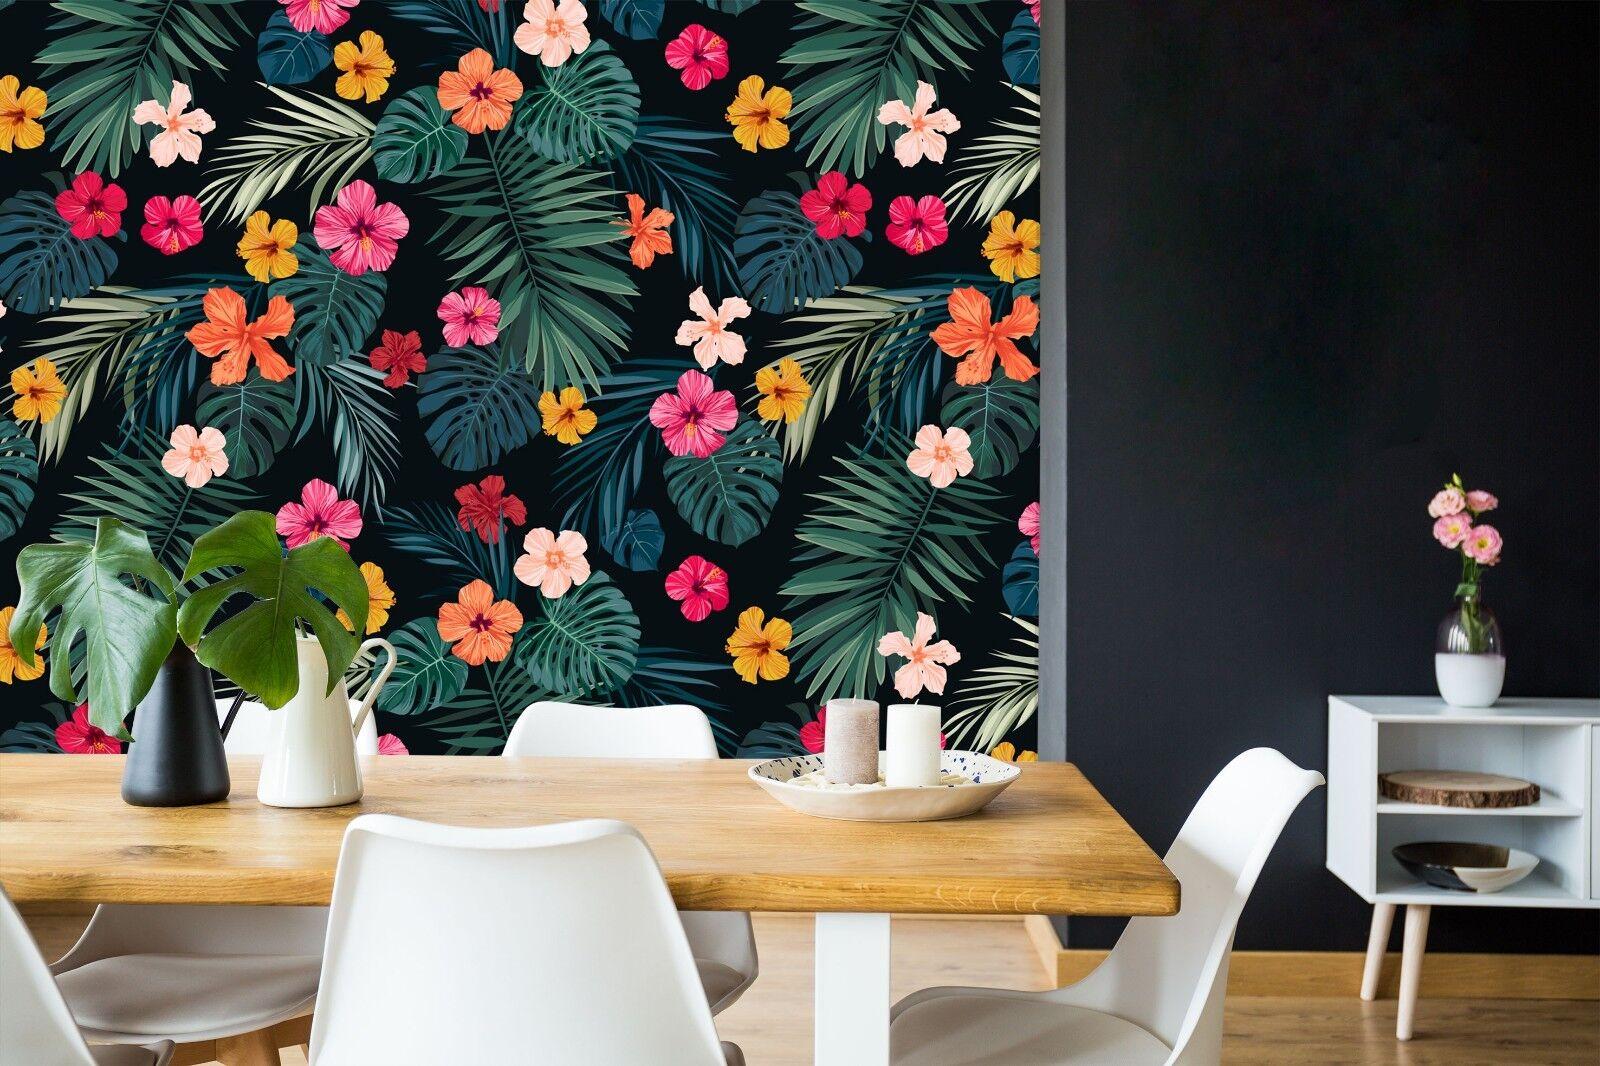 3D Farbe Petal Paint 26 WallPaper Murals Wall Decal WallPaper AU Summer